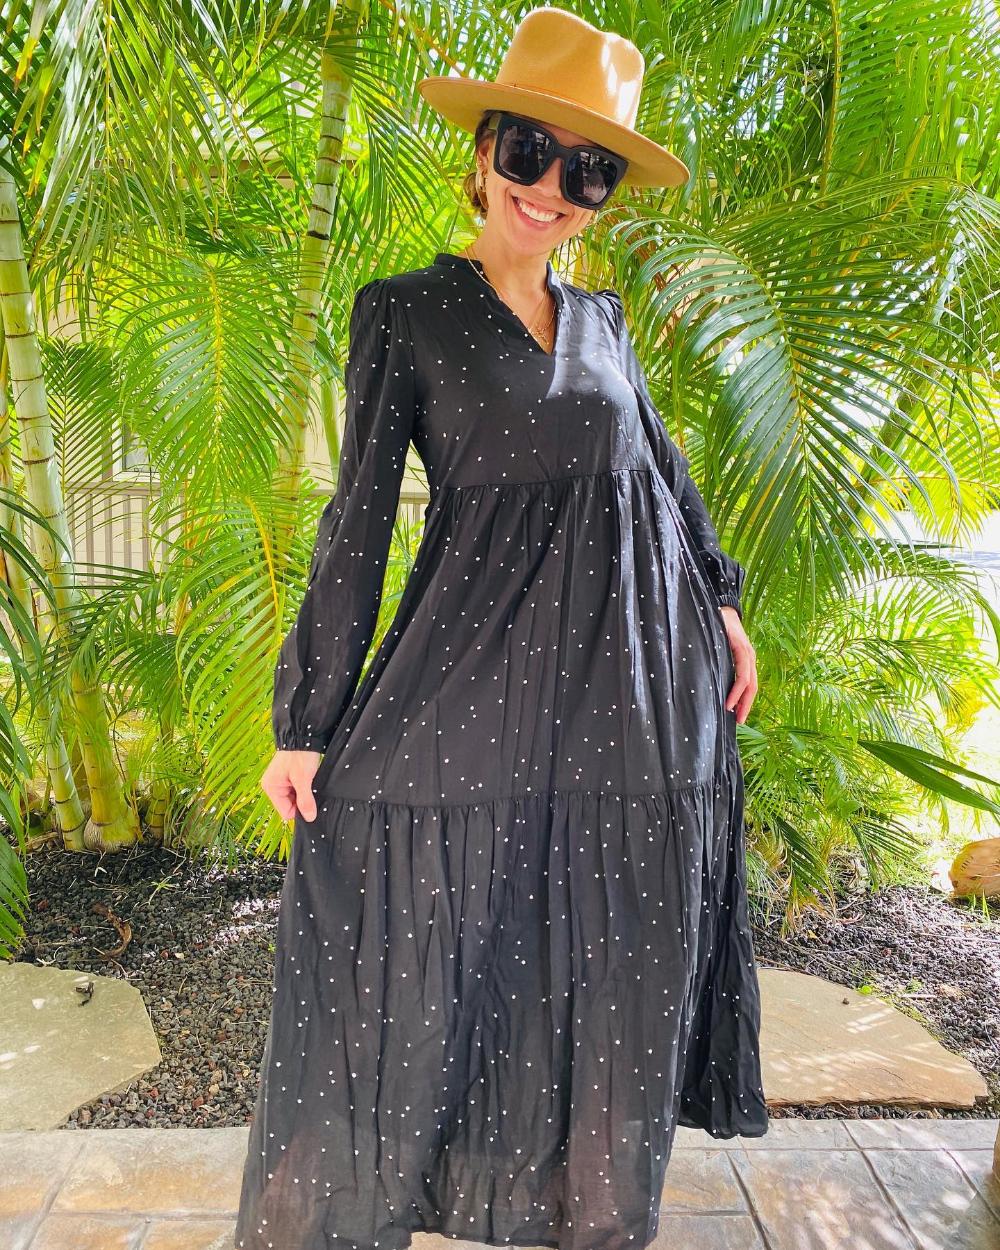 Women S Long Sleeve Tiered Flowy Dress Who What Wear Target Flowy Dress Women Long Sleeve Dresses [ 1250 x 1000 Pixel ]